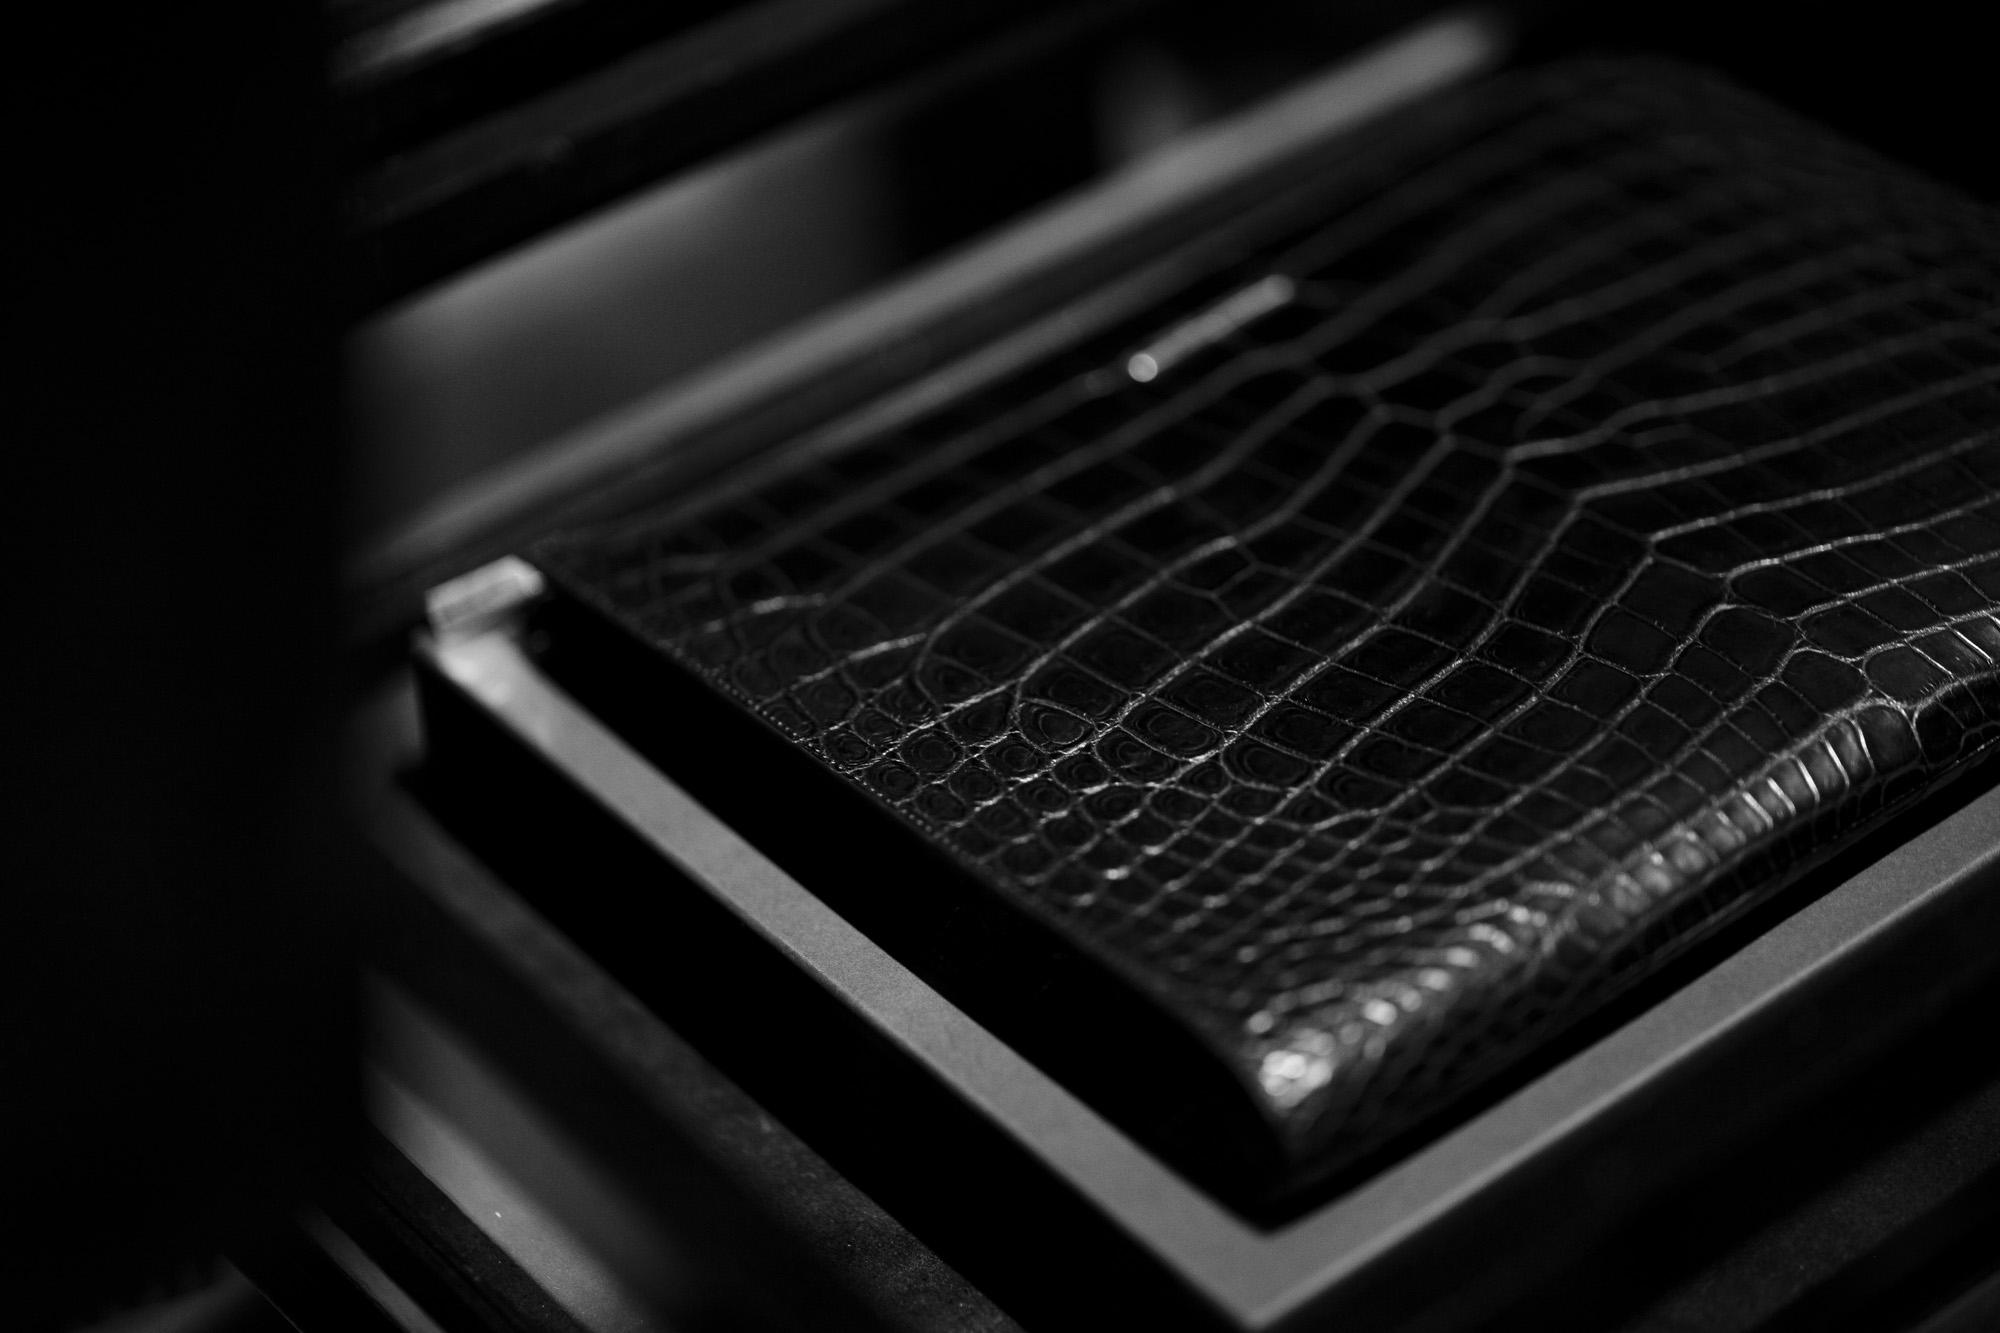 Georges de Patricia (ジョルジュ ド パトリシア) Aventador Crocodile (アヴェンタドール クロコダイル) 925 STERLING SILVER (925 スターリングシルバー) Niloticus Crocodile ニロティカス クロコダイル エキゾチックレザー クラッチ バッグ NOIR (ブラック) 2021 春夏 【Special Model】愛知 名古屋 Alto e Diritto altoediritto アルトエデリット クラッチバック